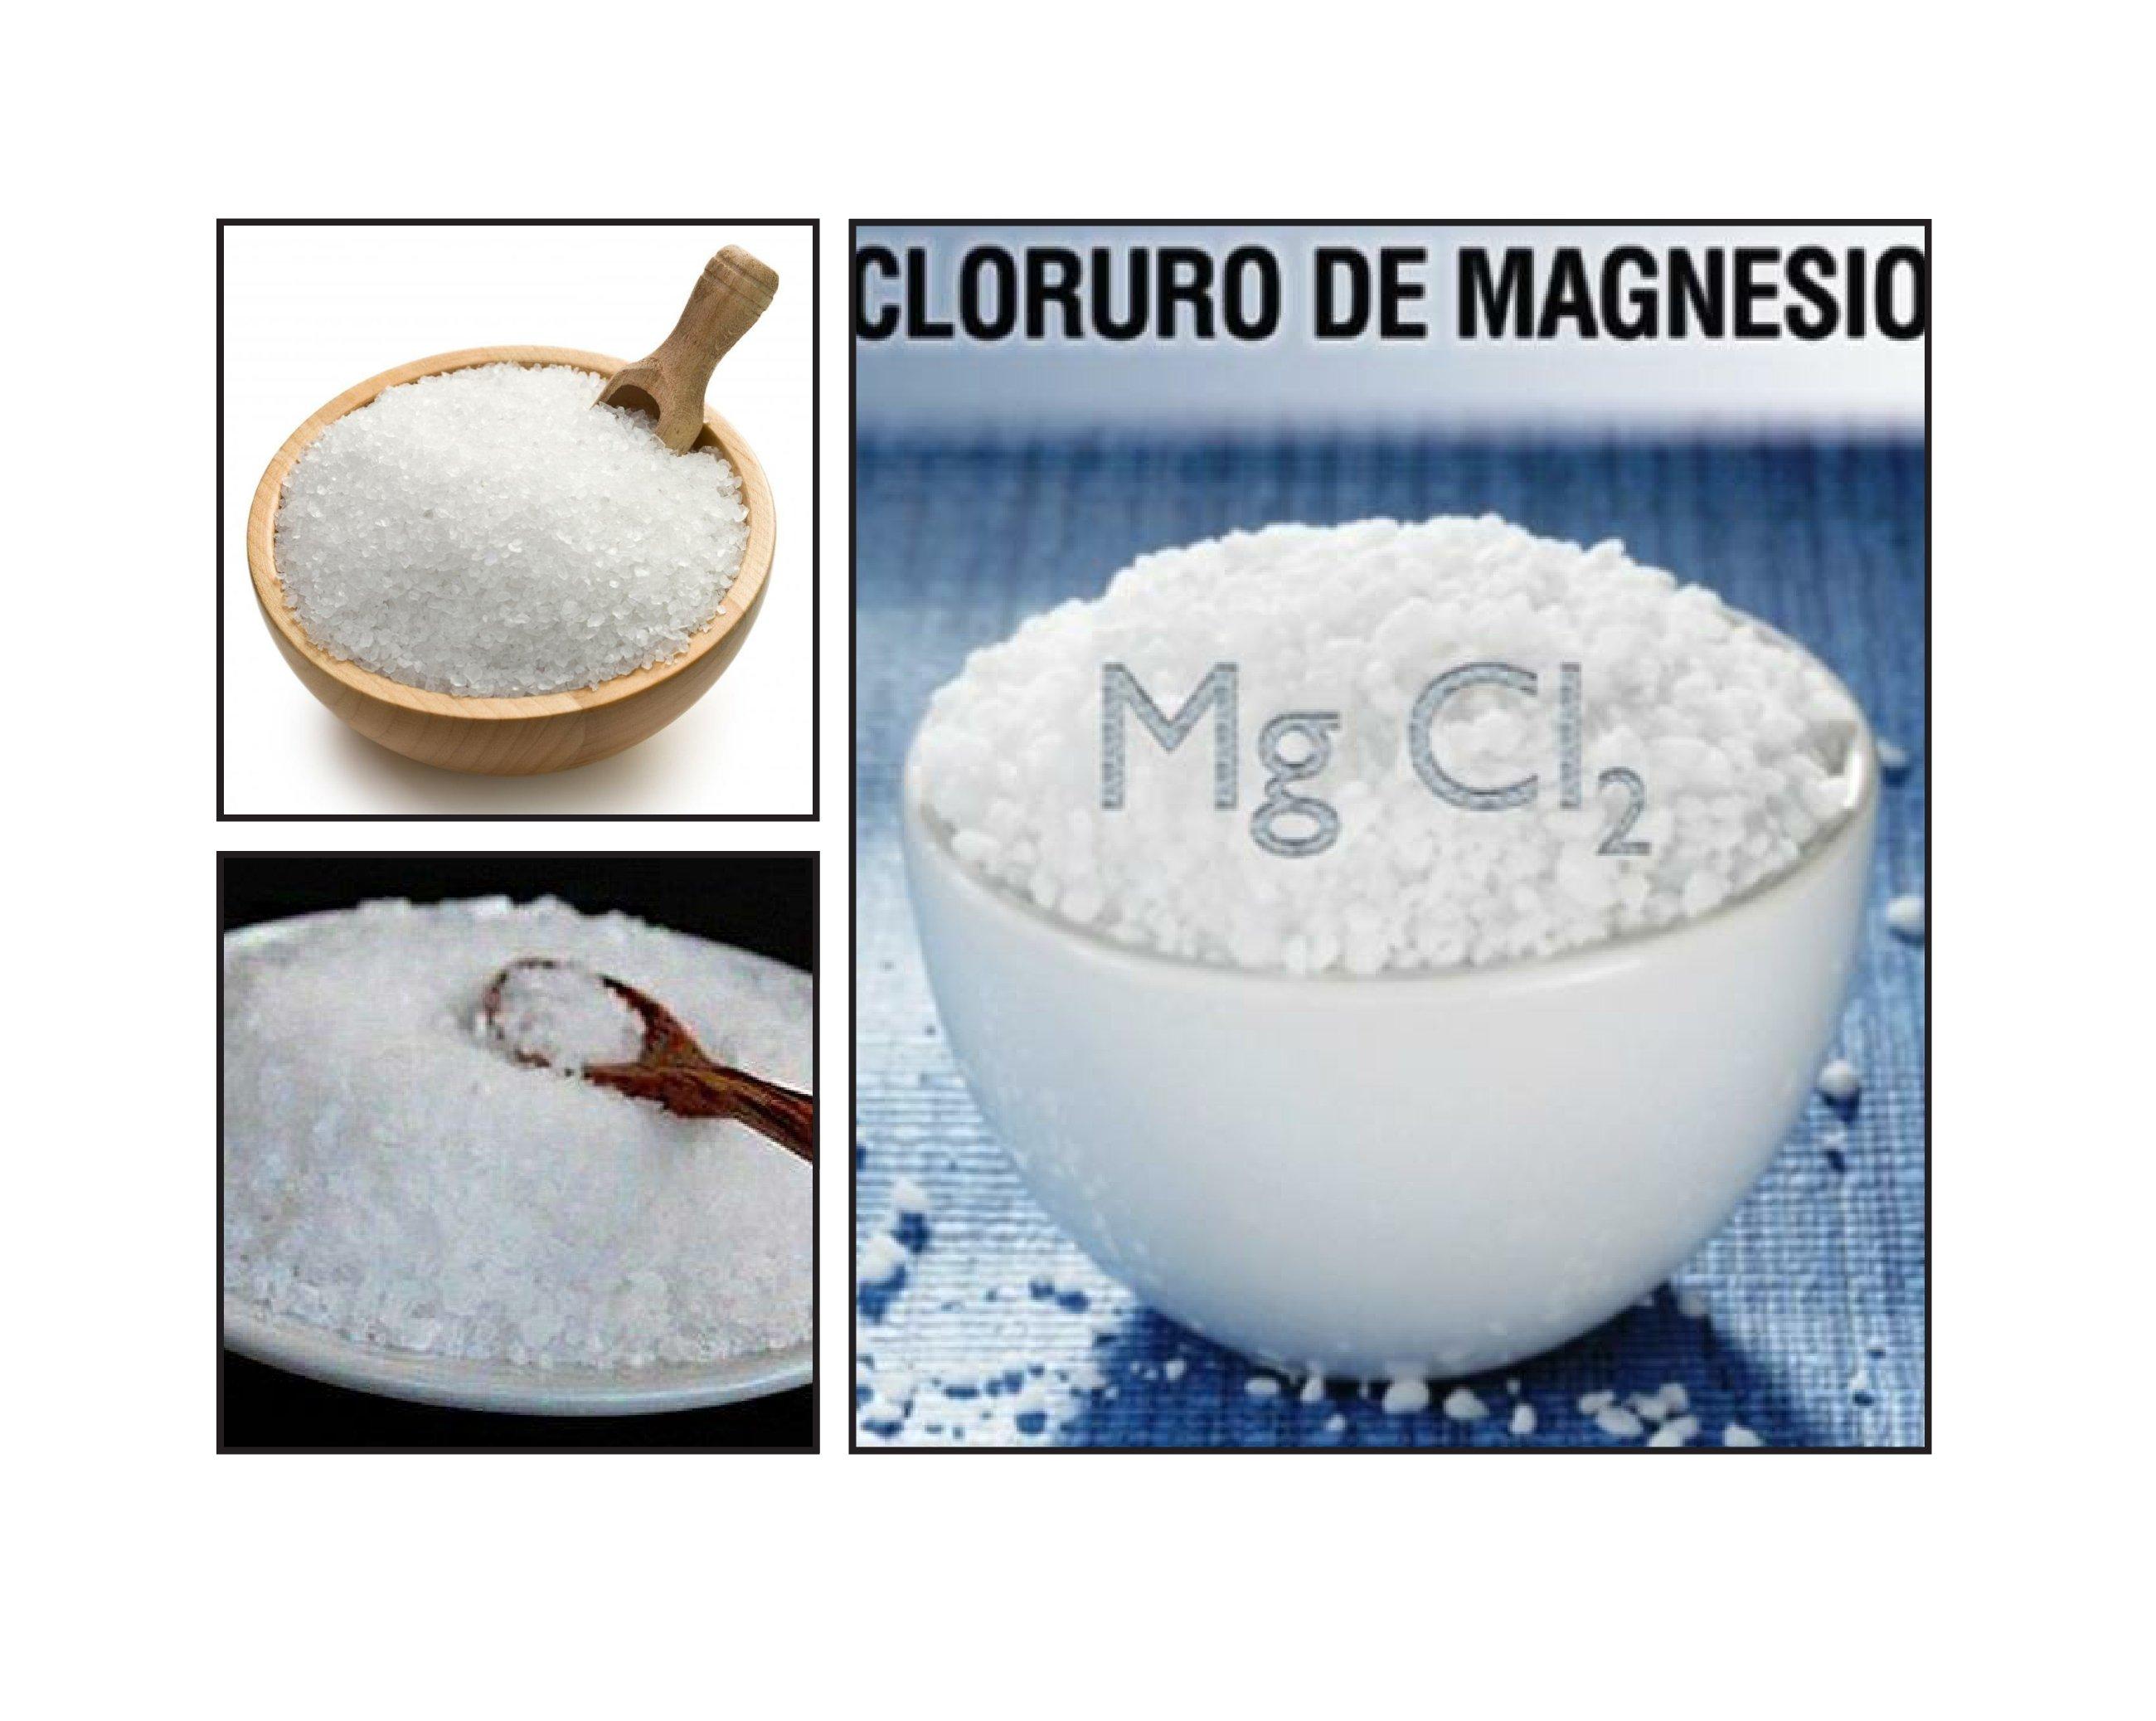 Cloruro de magnesio   Foto: Wikimedia